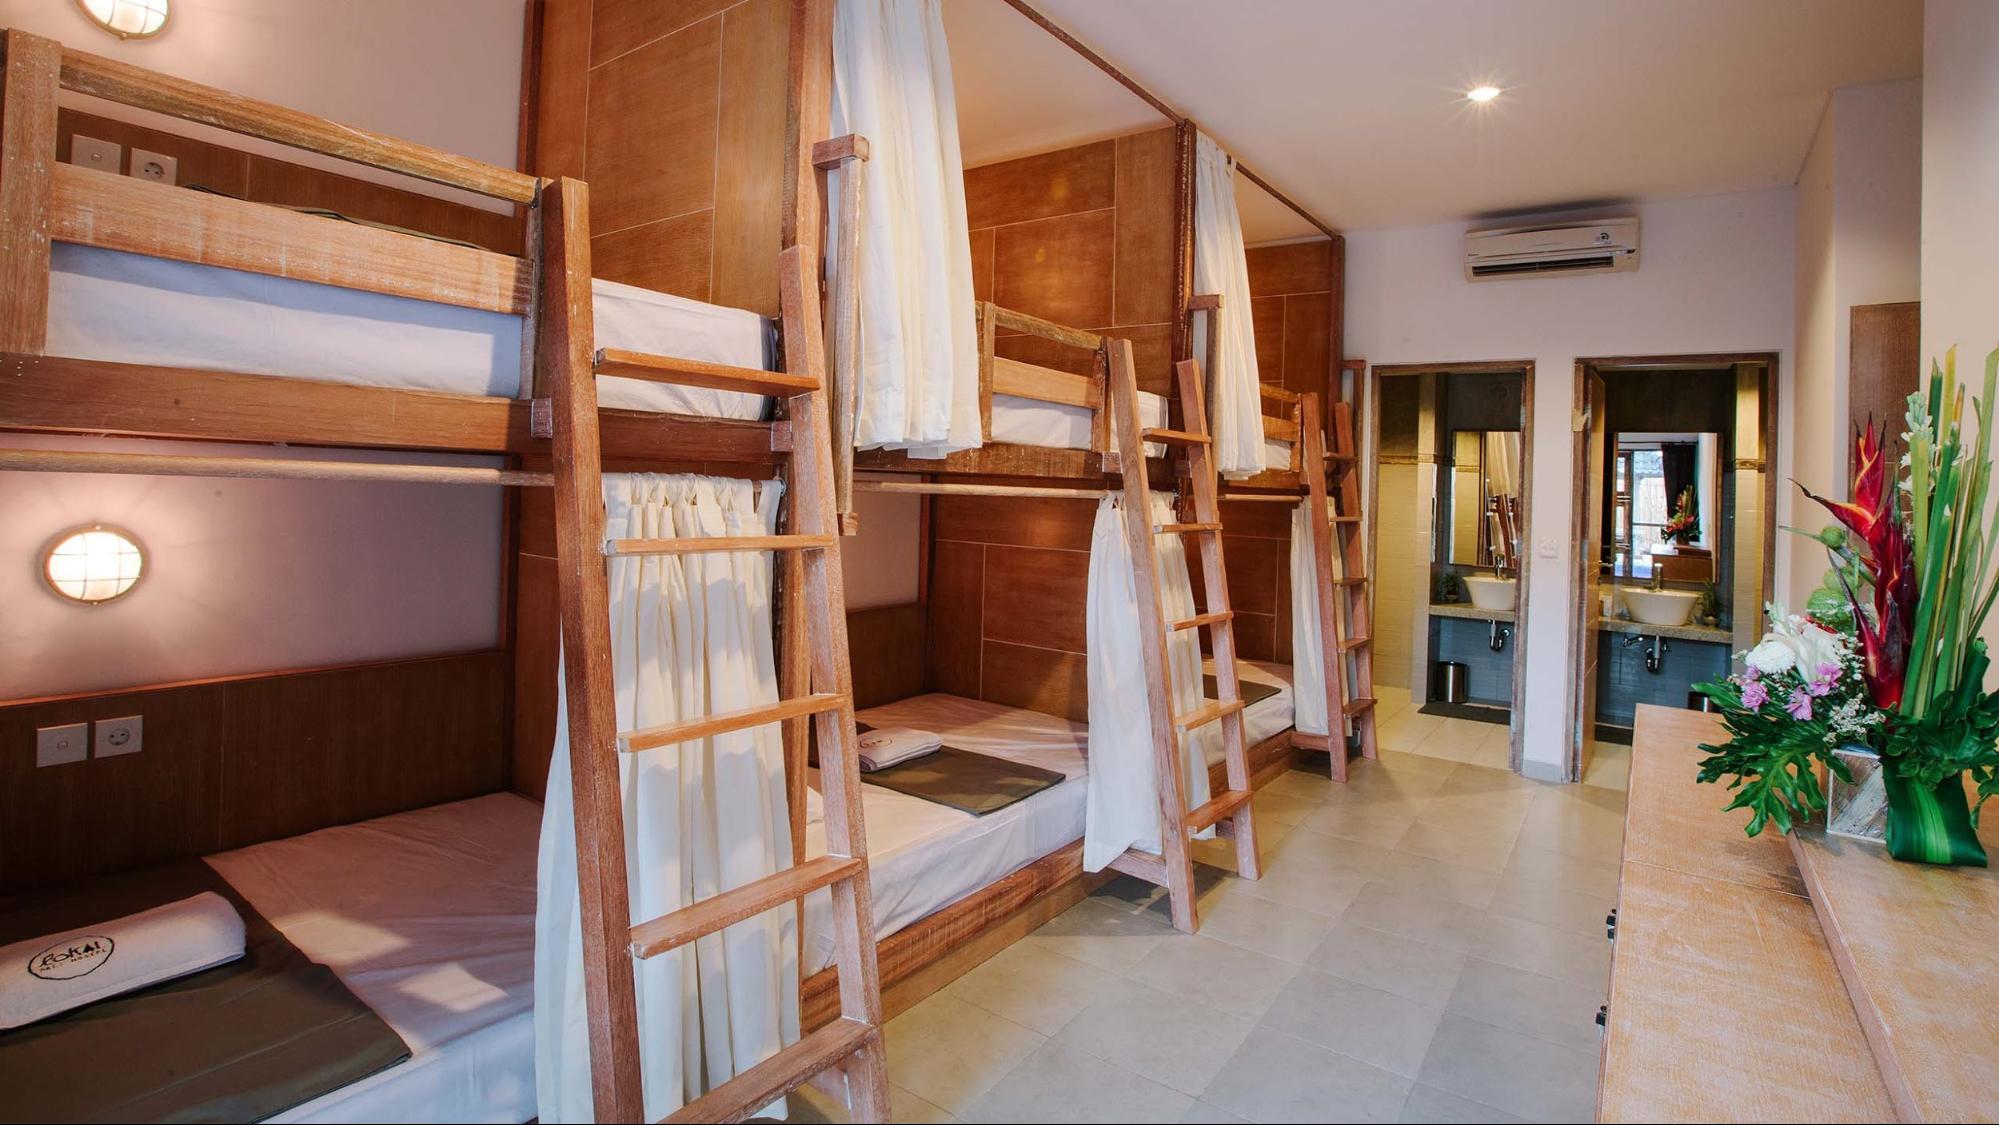 Фот о кроватей в хостеле